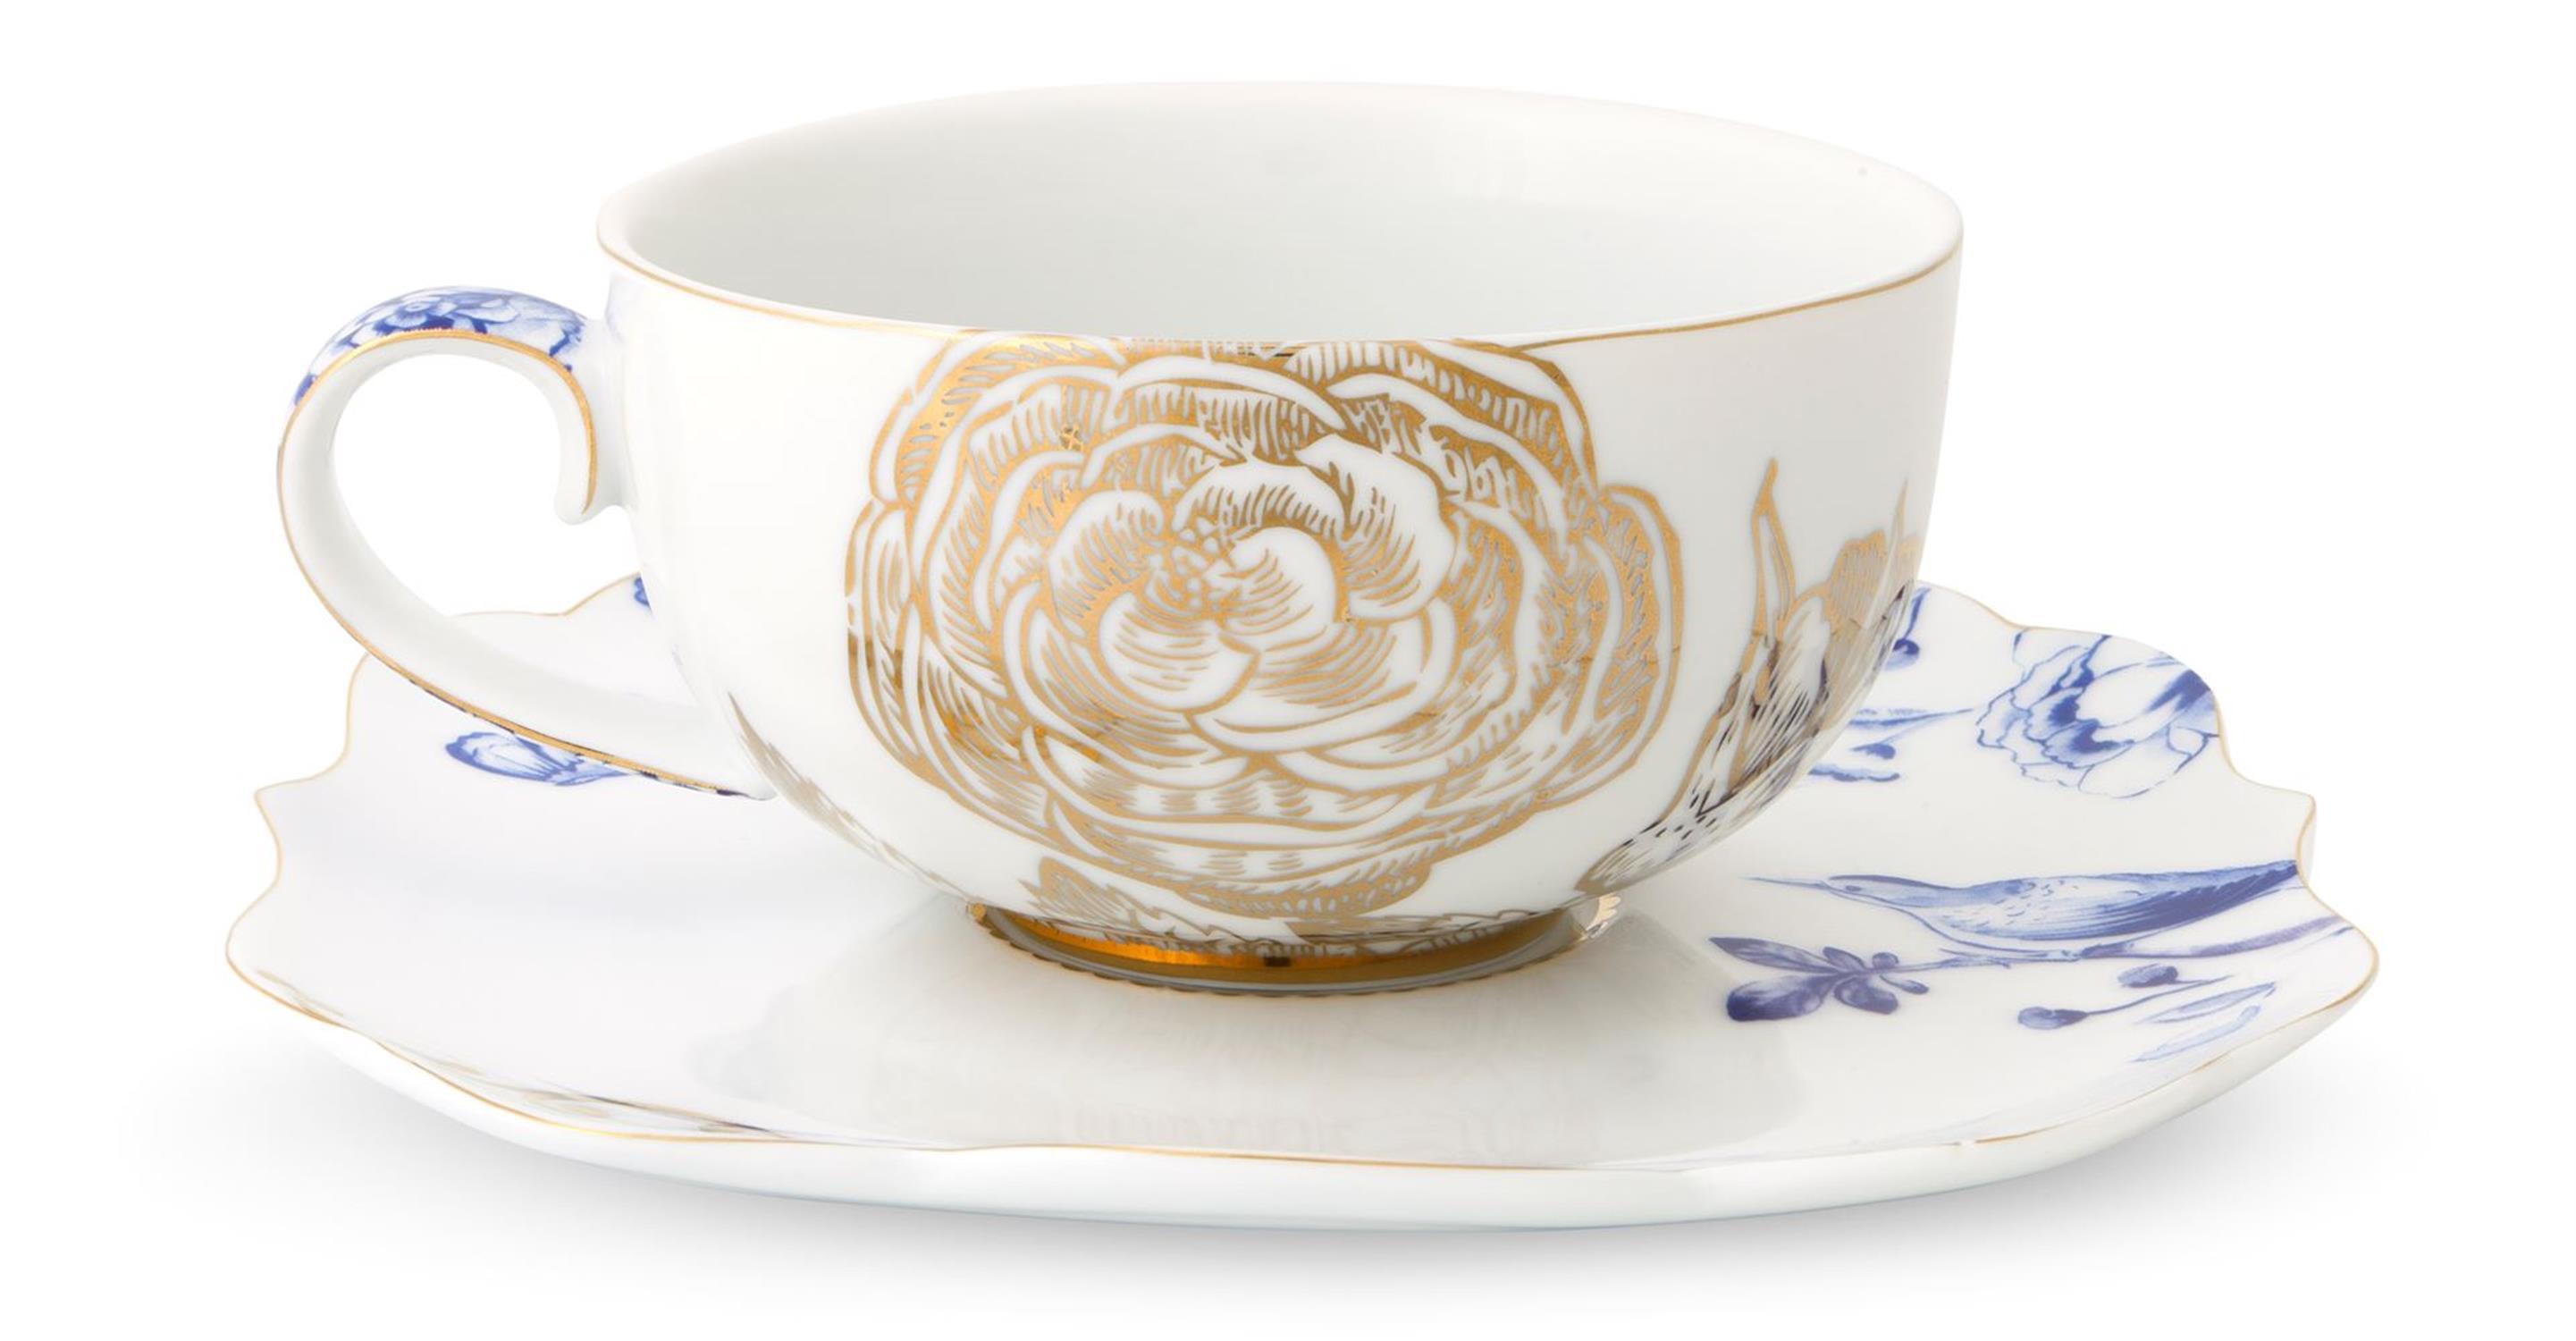 Φλιτζάνι με πιατάκι Royal White 225ml πορσελάνινο λευκό/χρυσό/μπλε Pip Studio 51004035